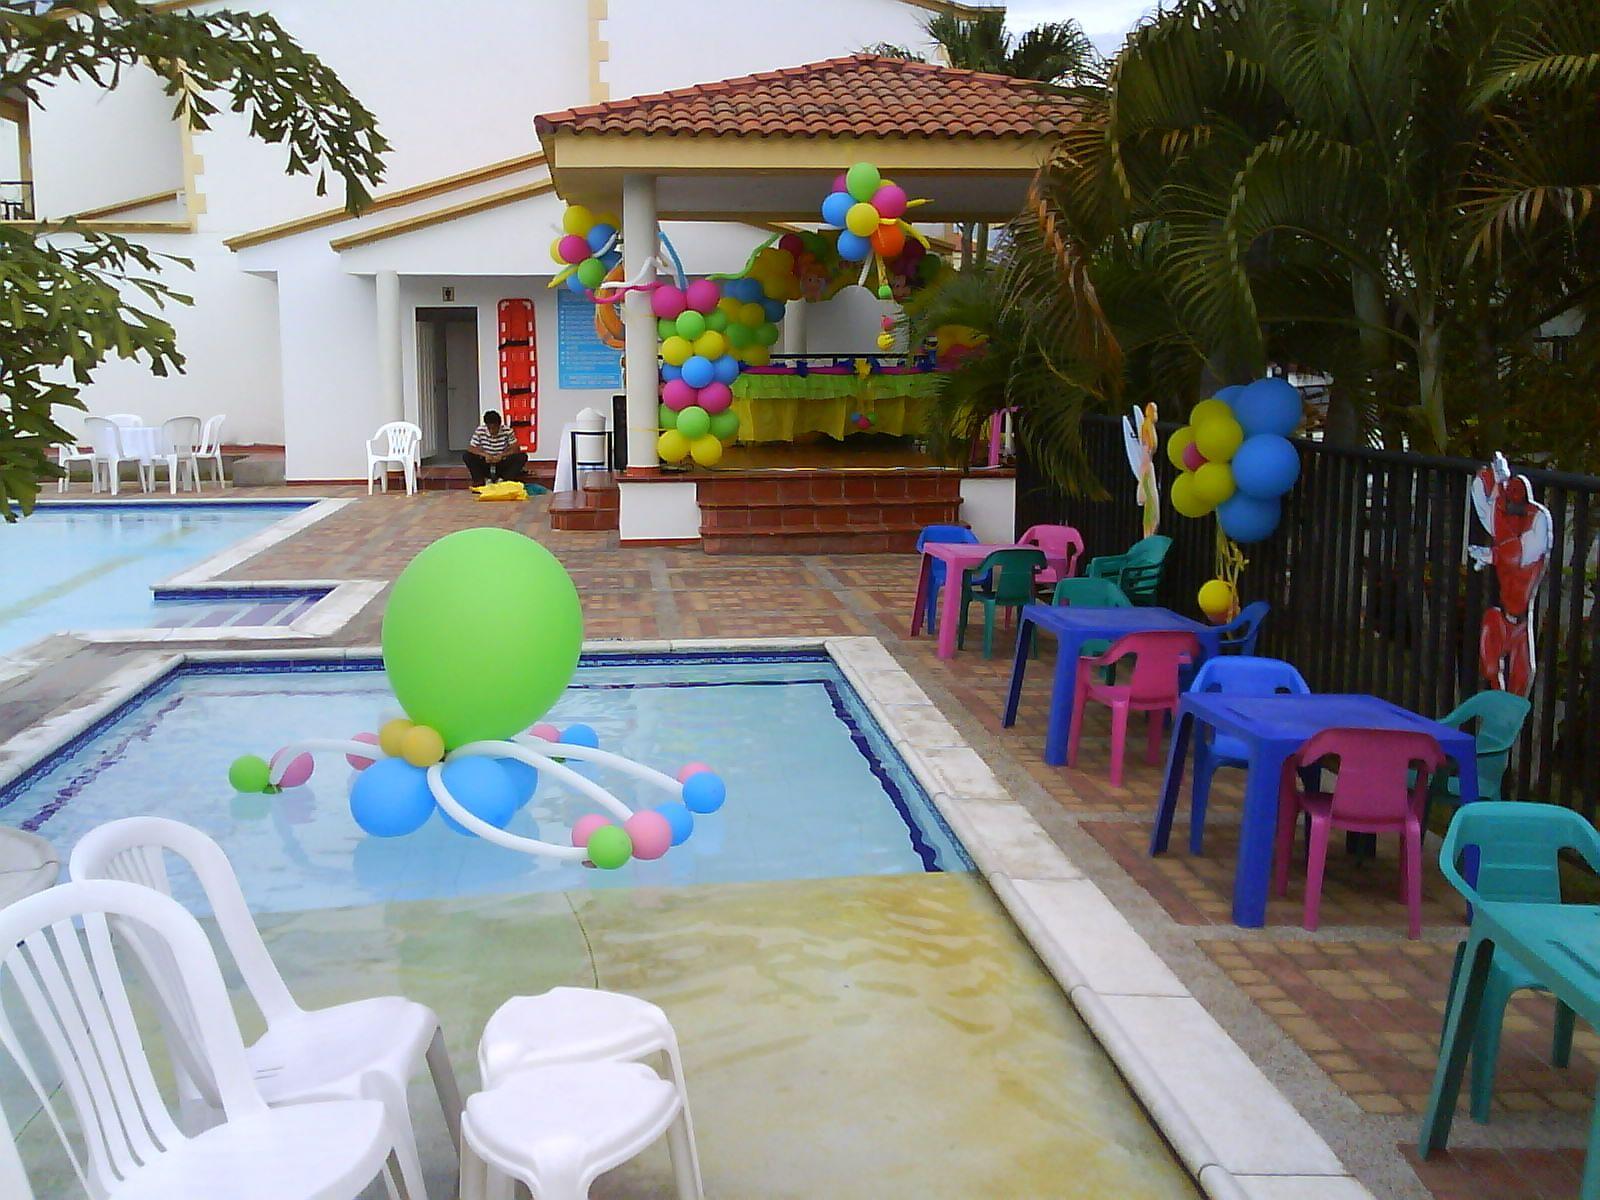 Figuras de globos en piscina cumple sebas pinterest for Ideas para decorar piscinas